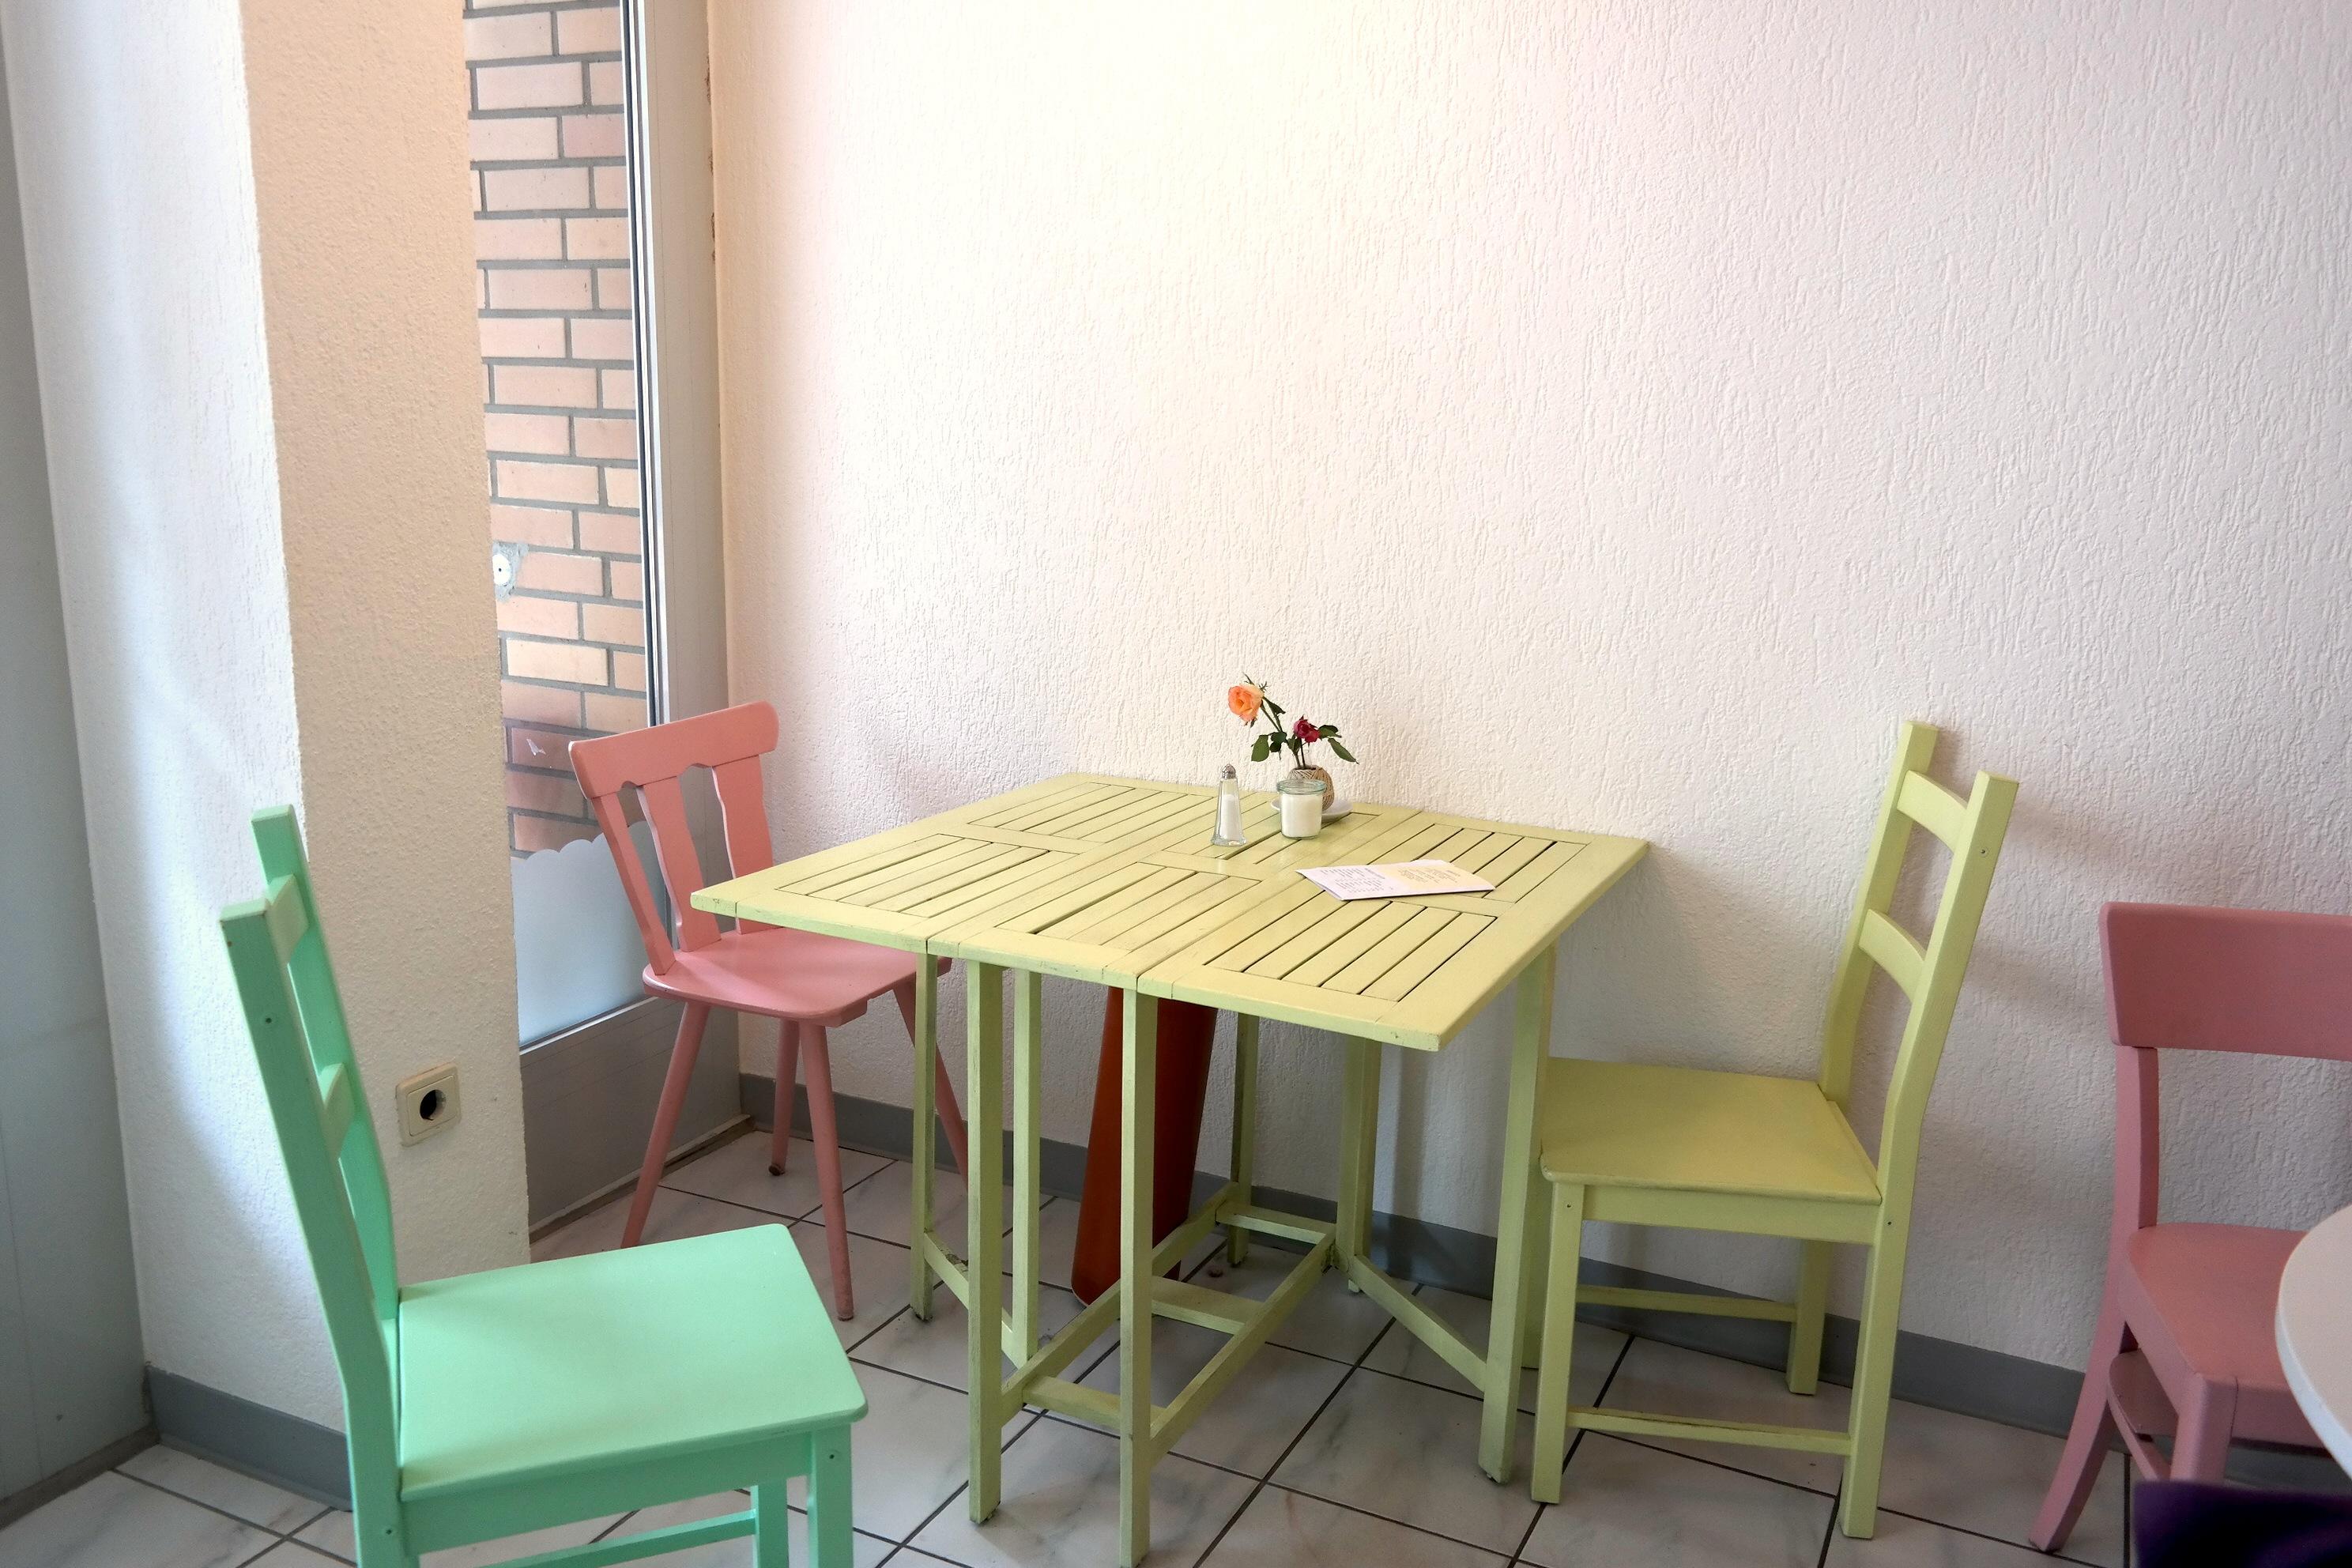 Auf Süßes in den Fuchsbau / Kleines neues Café in Beuel mit Cupcakes